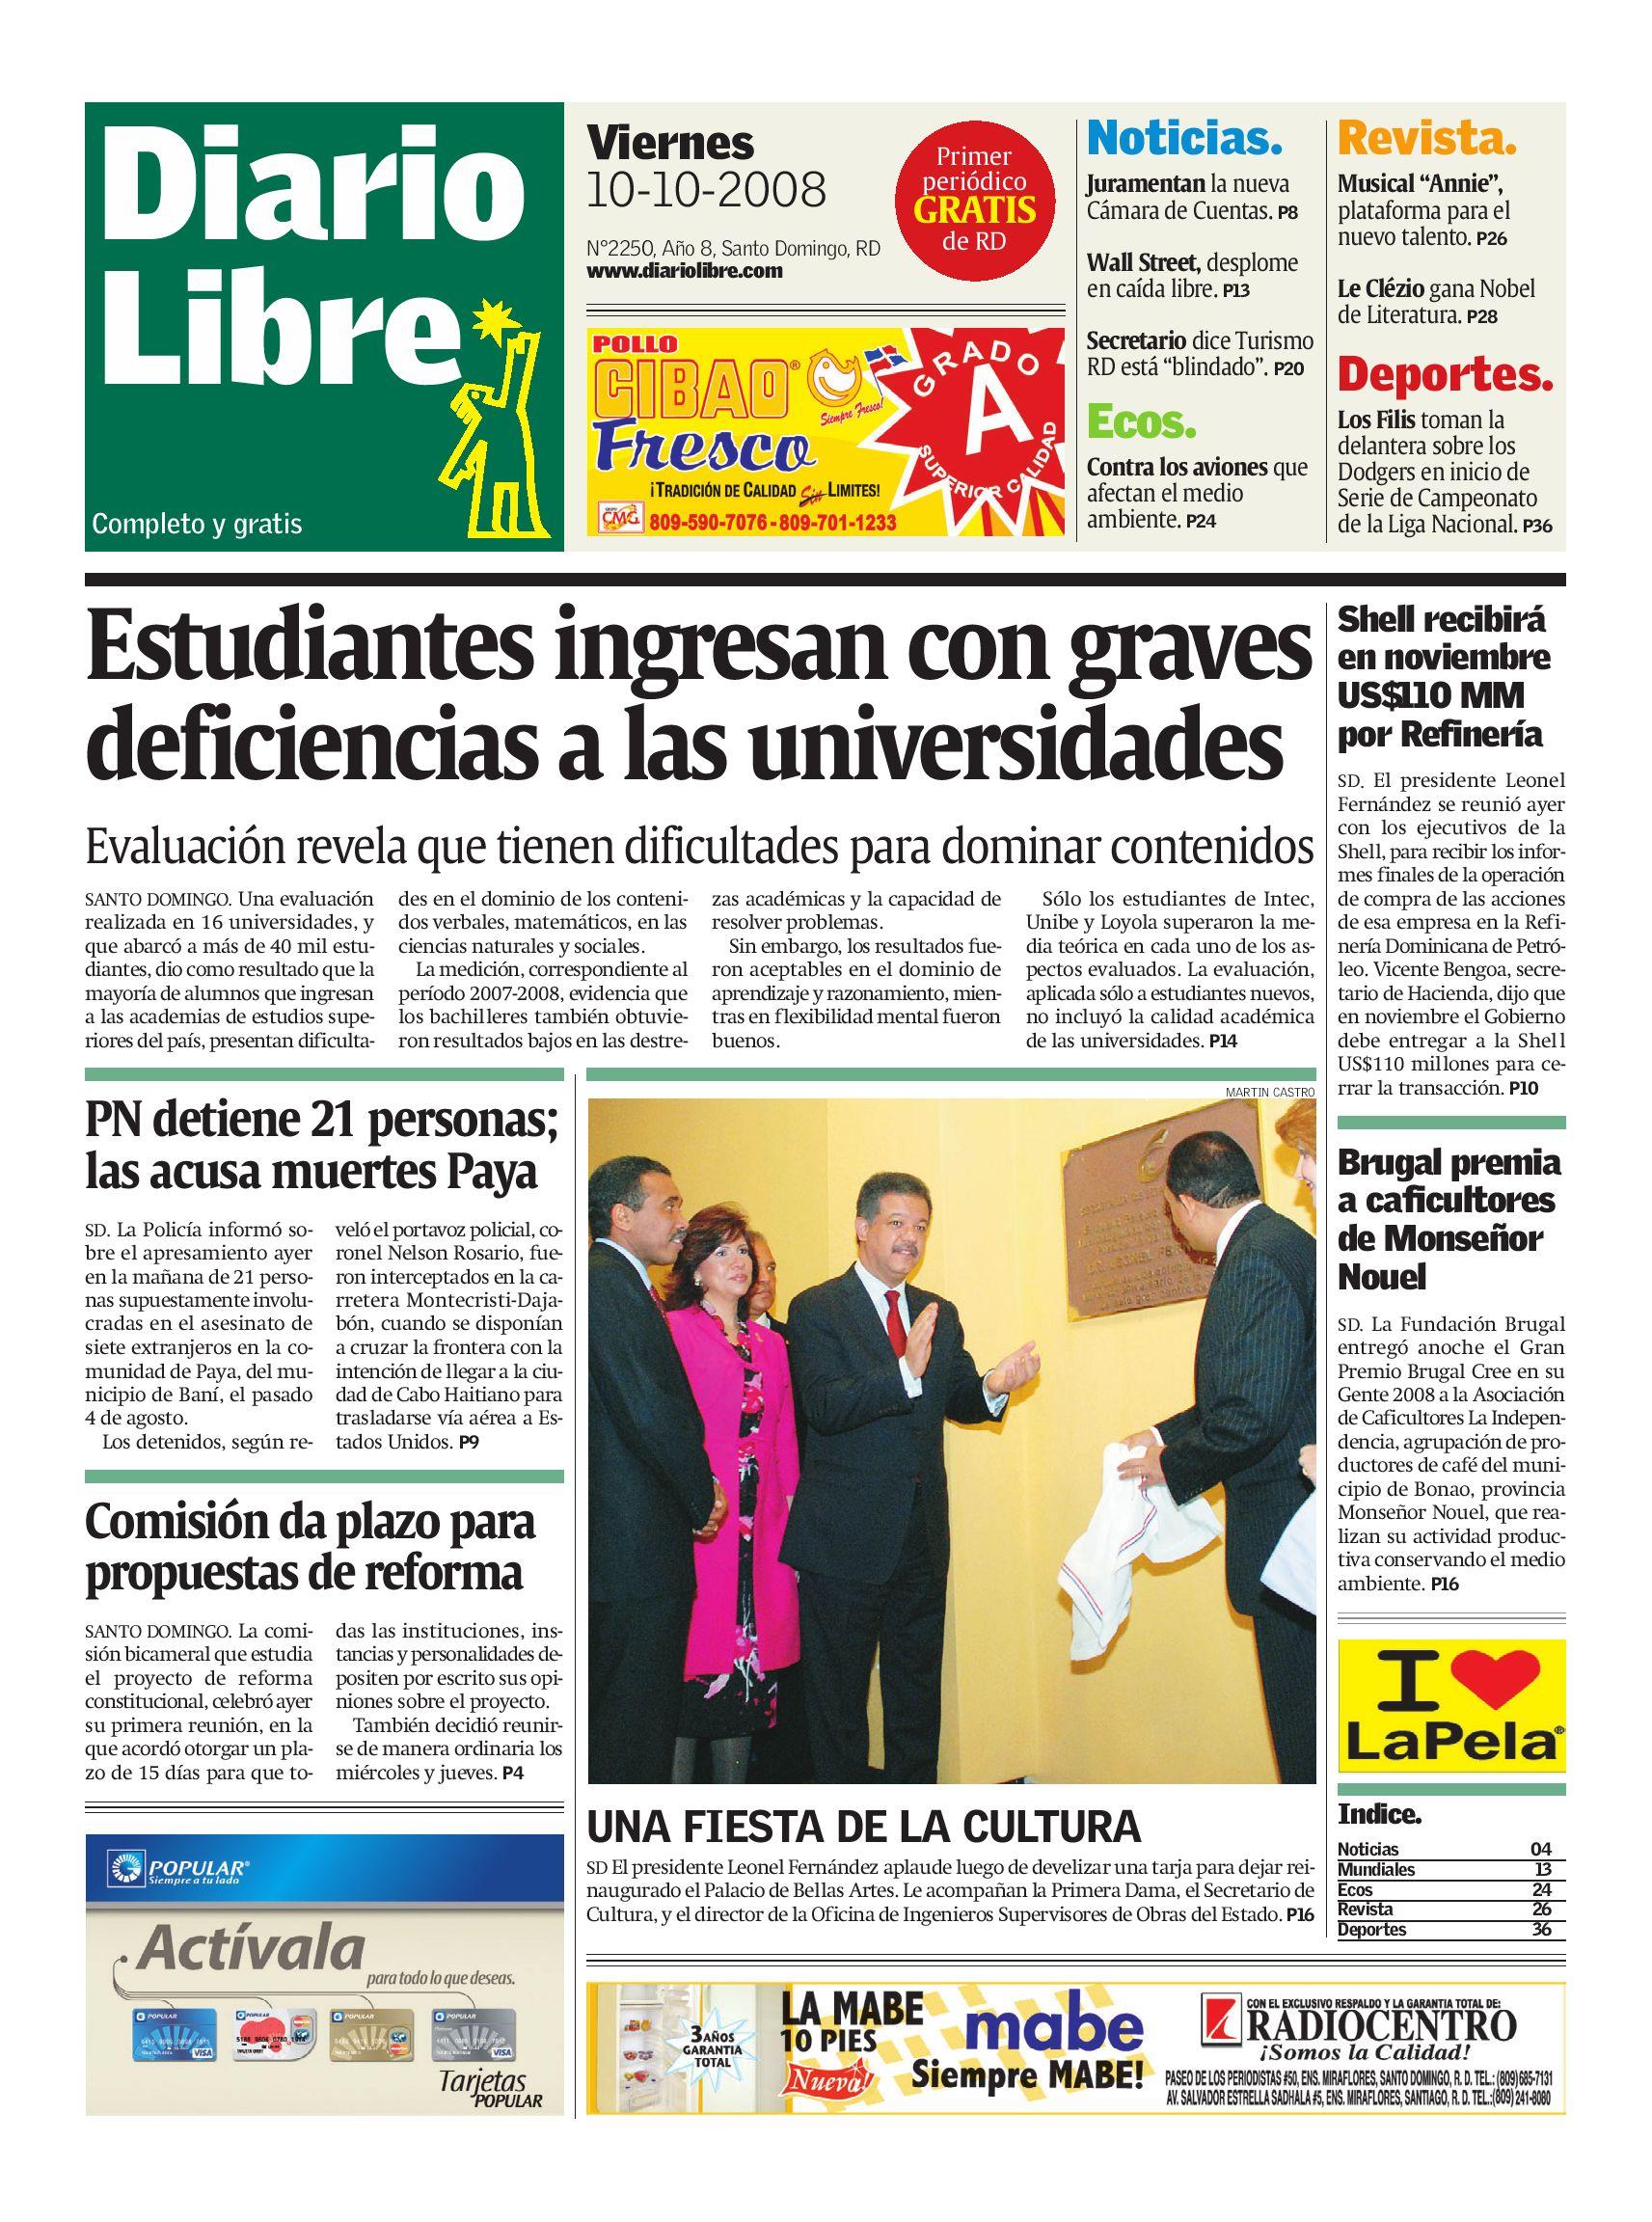 diariolibre2250 by Grupo Diario Libre, S. A. - issuu